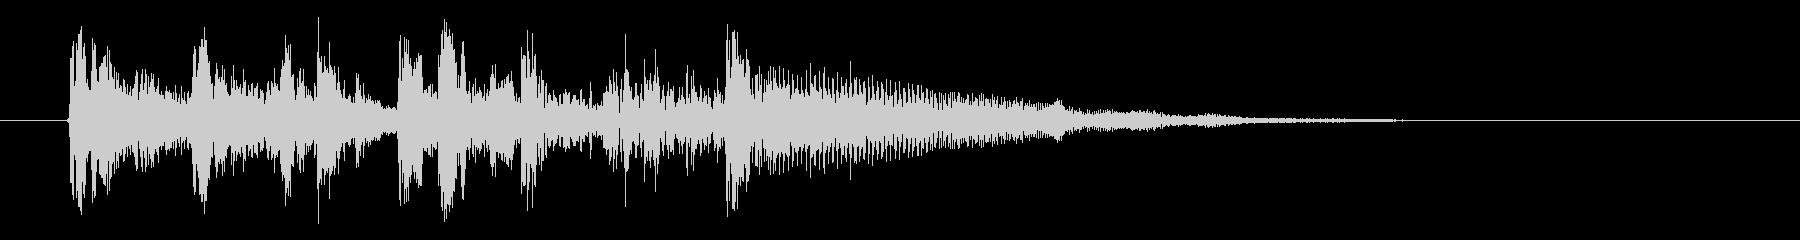 シンセサイザーのゆったりとしたジングルの未再生の波形